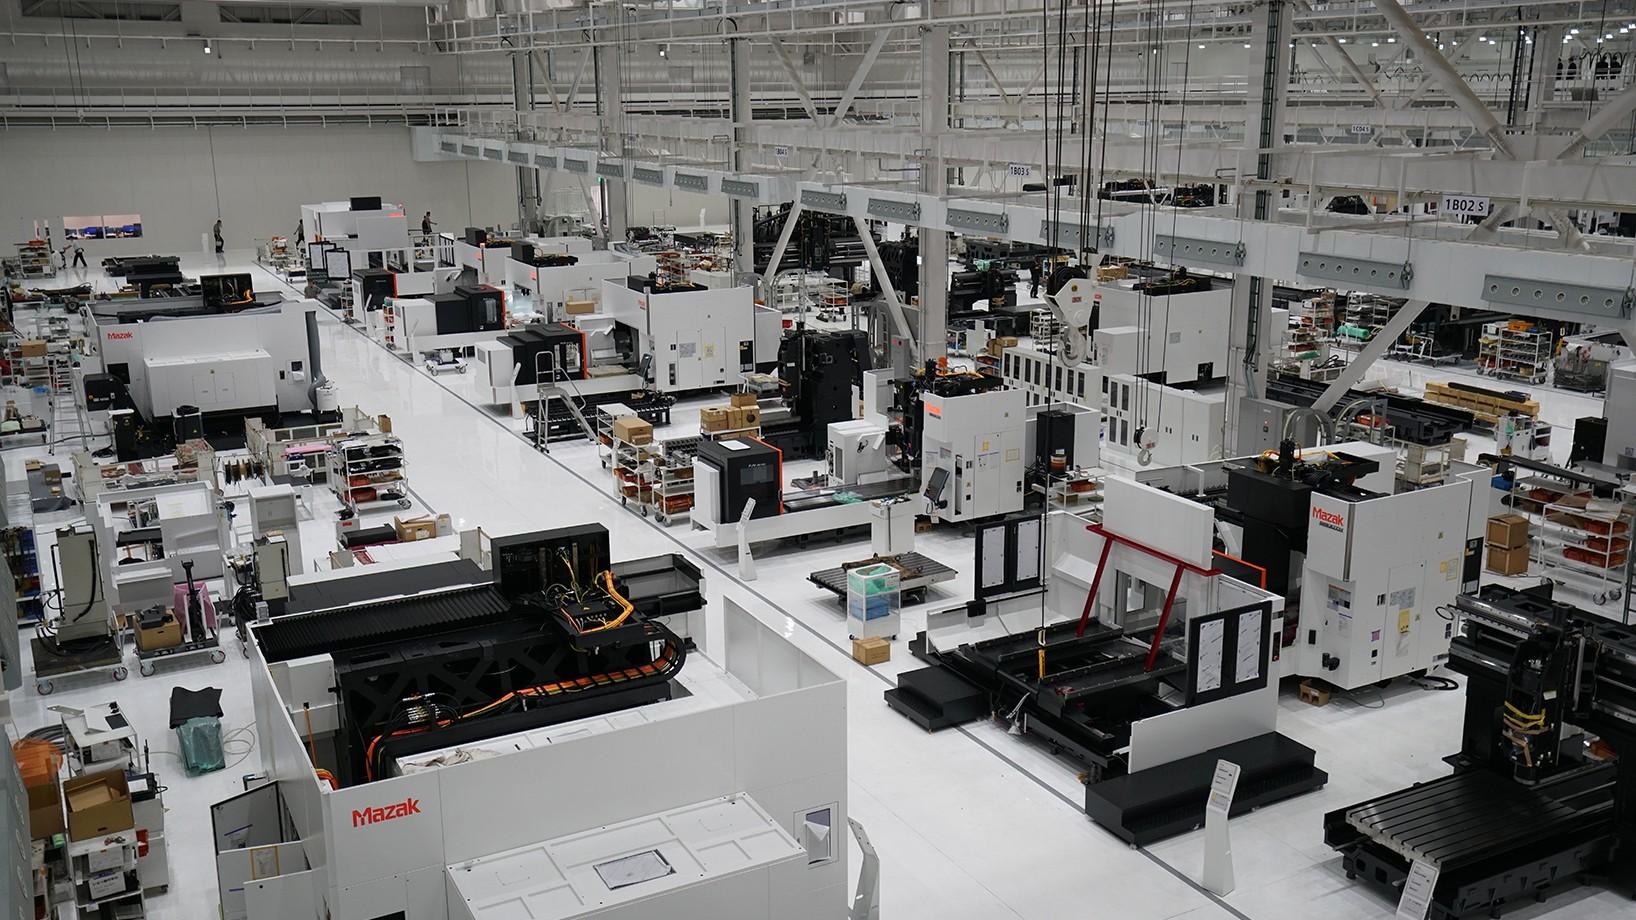 Mazak assembly line